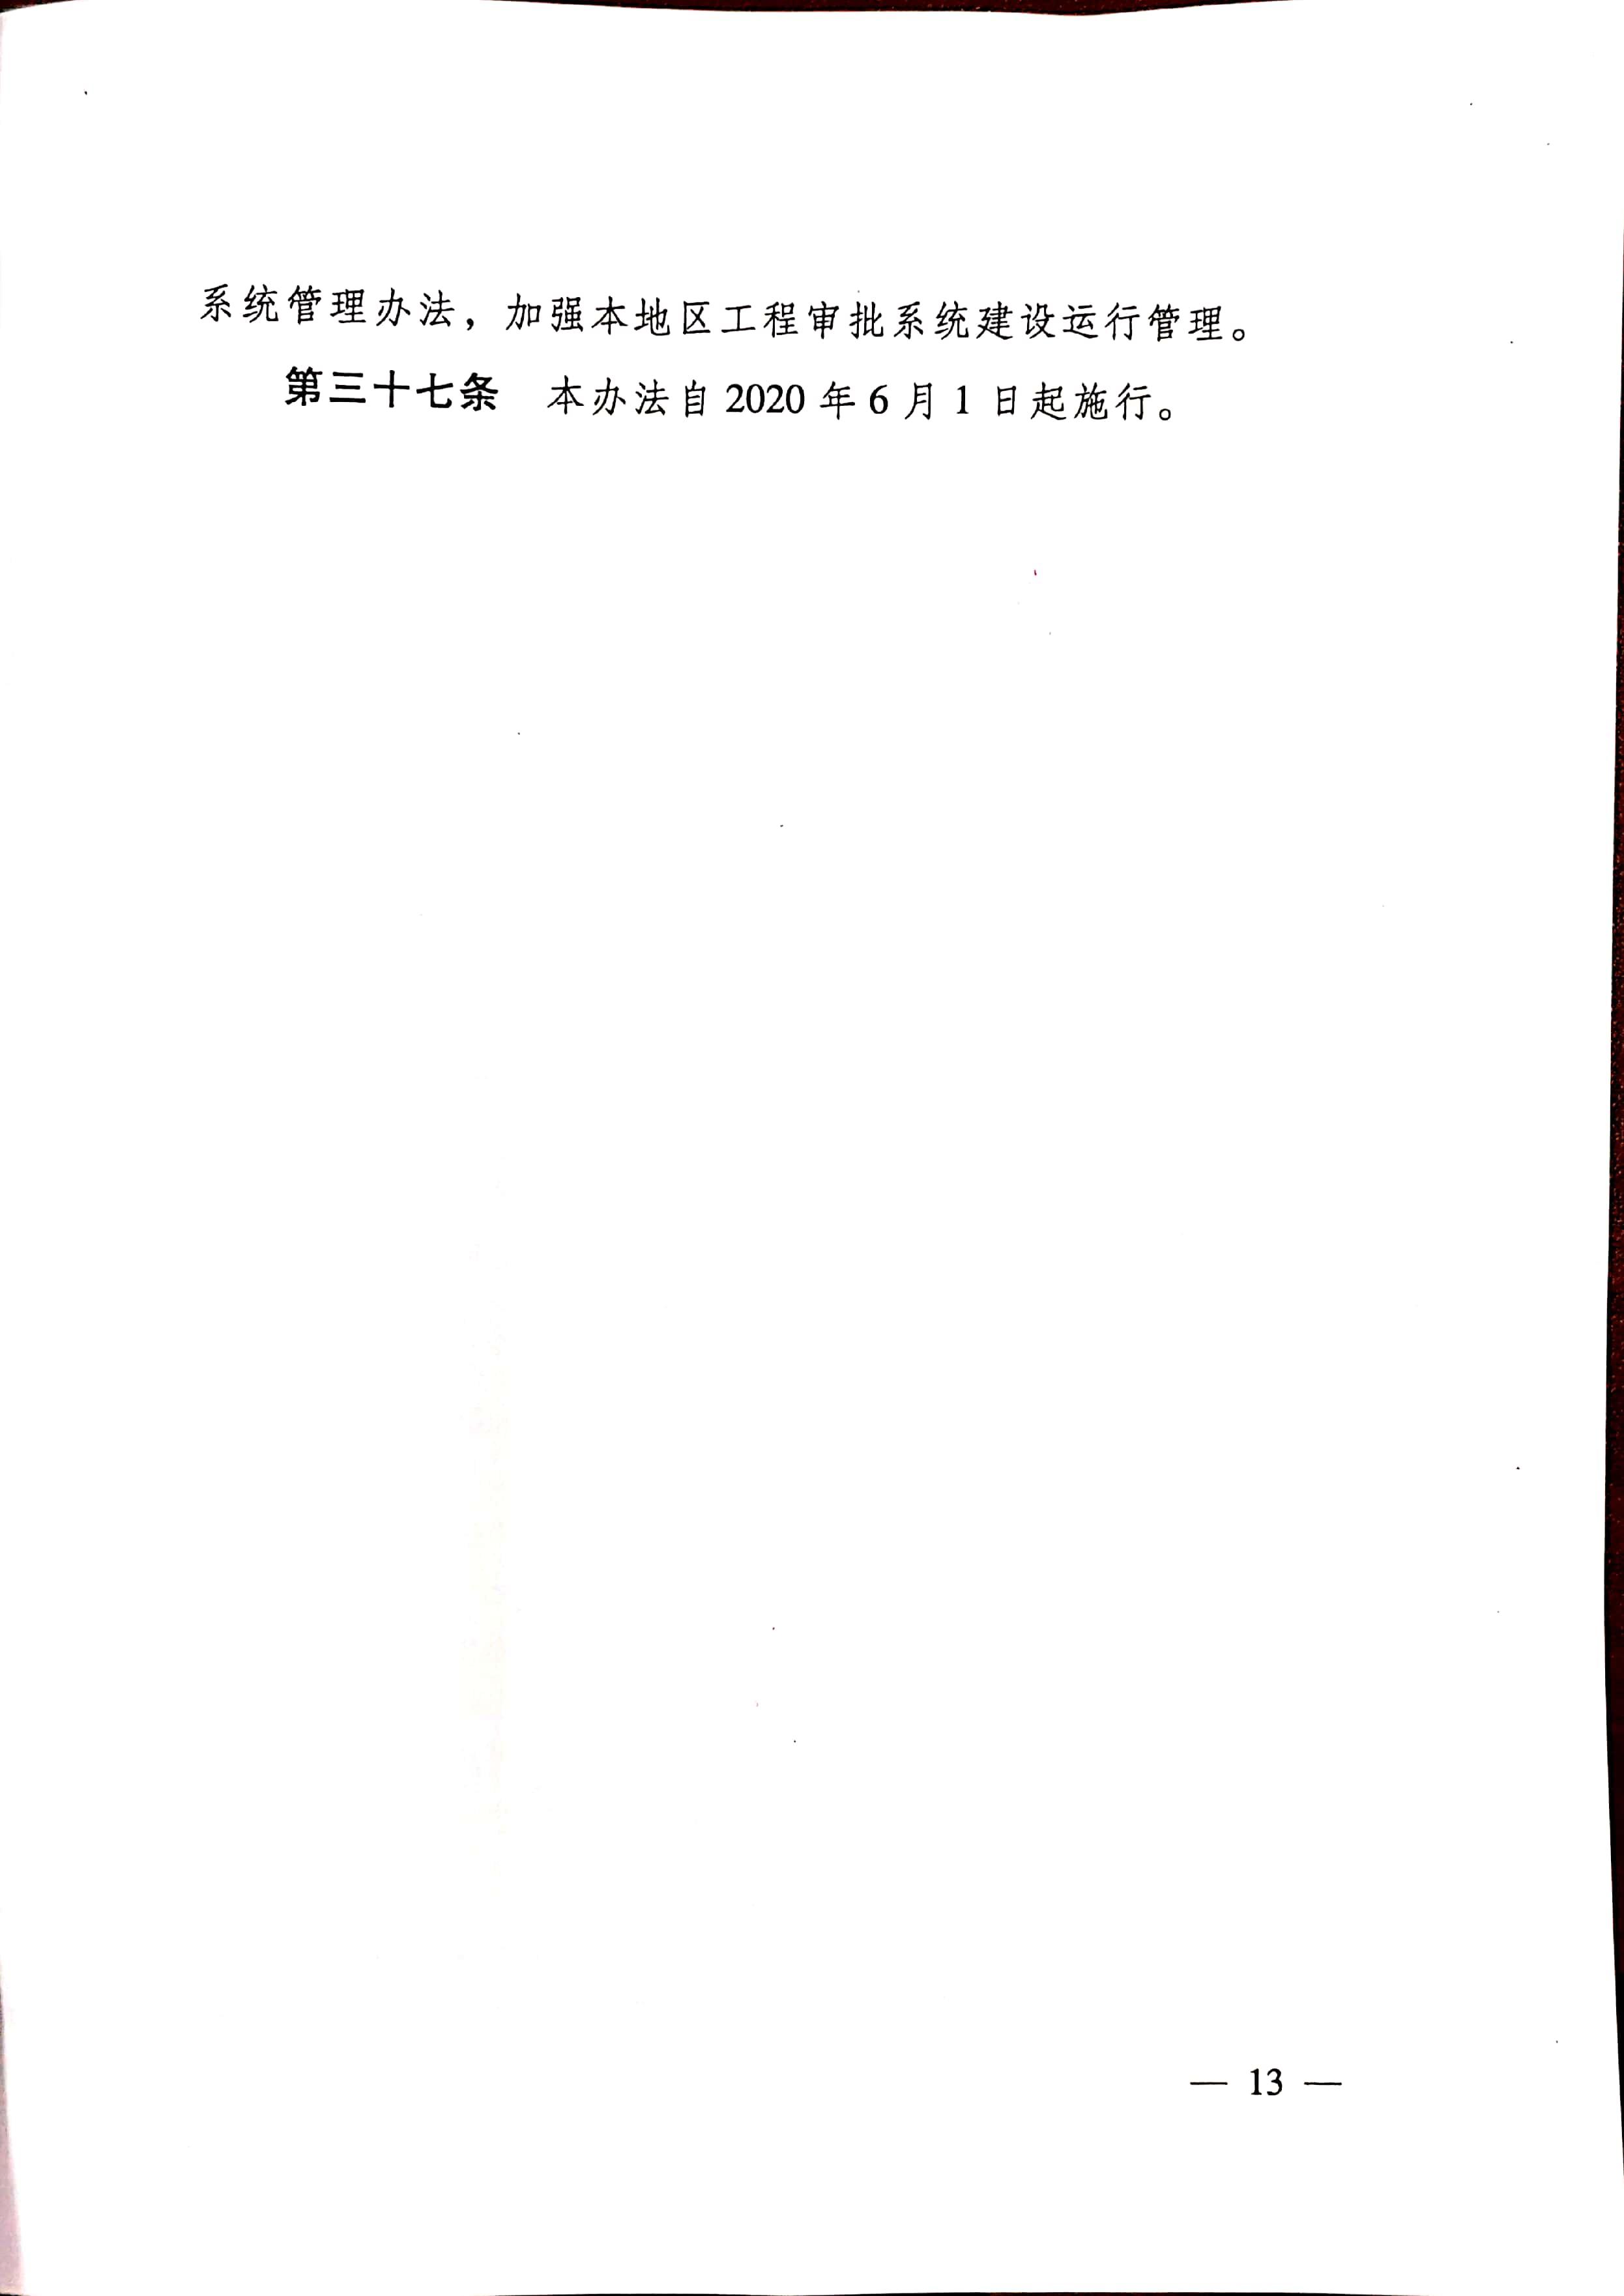 住房和城乡建设部关于印发《工程建设项目审批管理系统管理暂行办法的通知》(建办[2020]47号)_页面_13.jpg